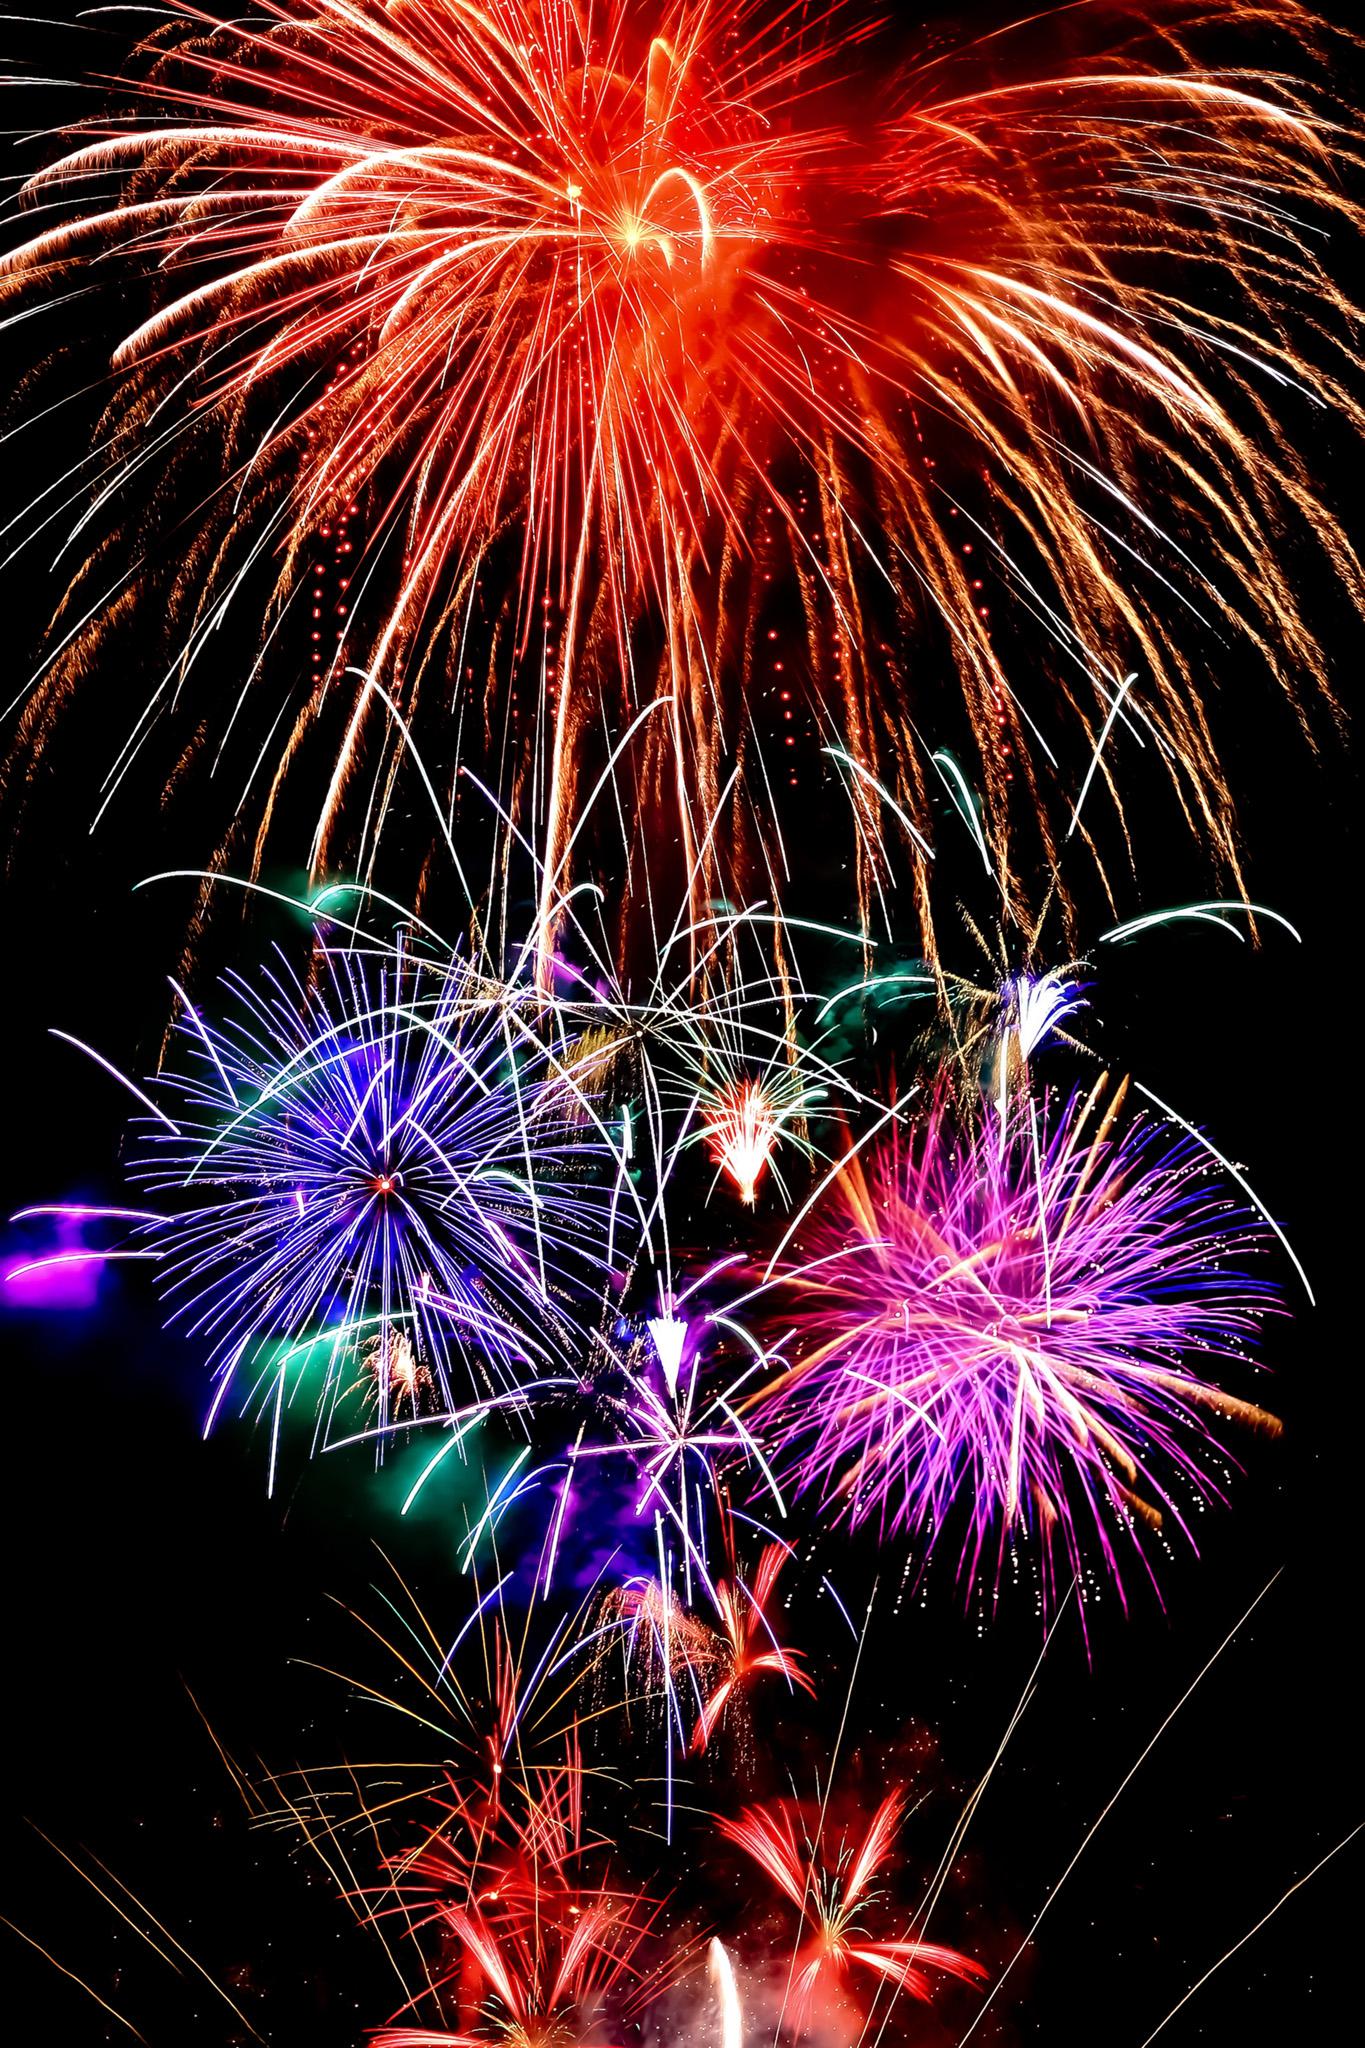 「夜空と花火の背景」の画像を無料ダウンロード